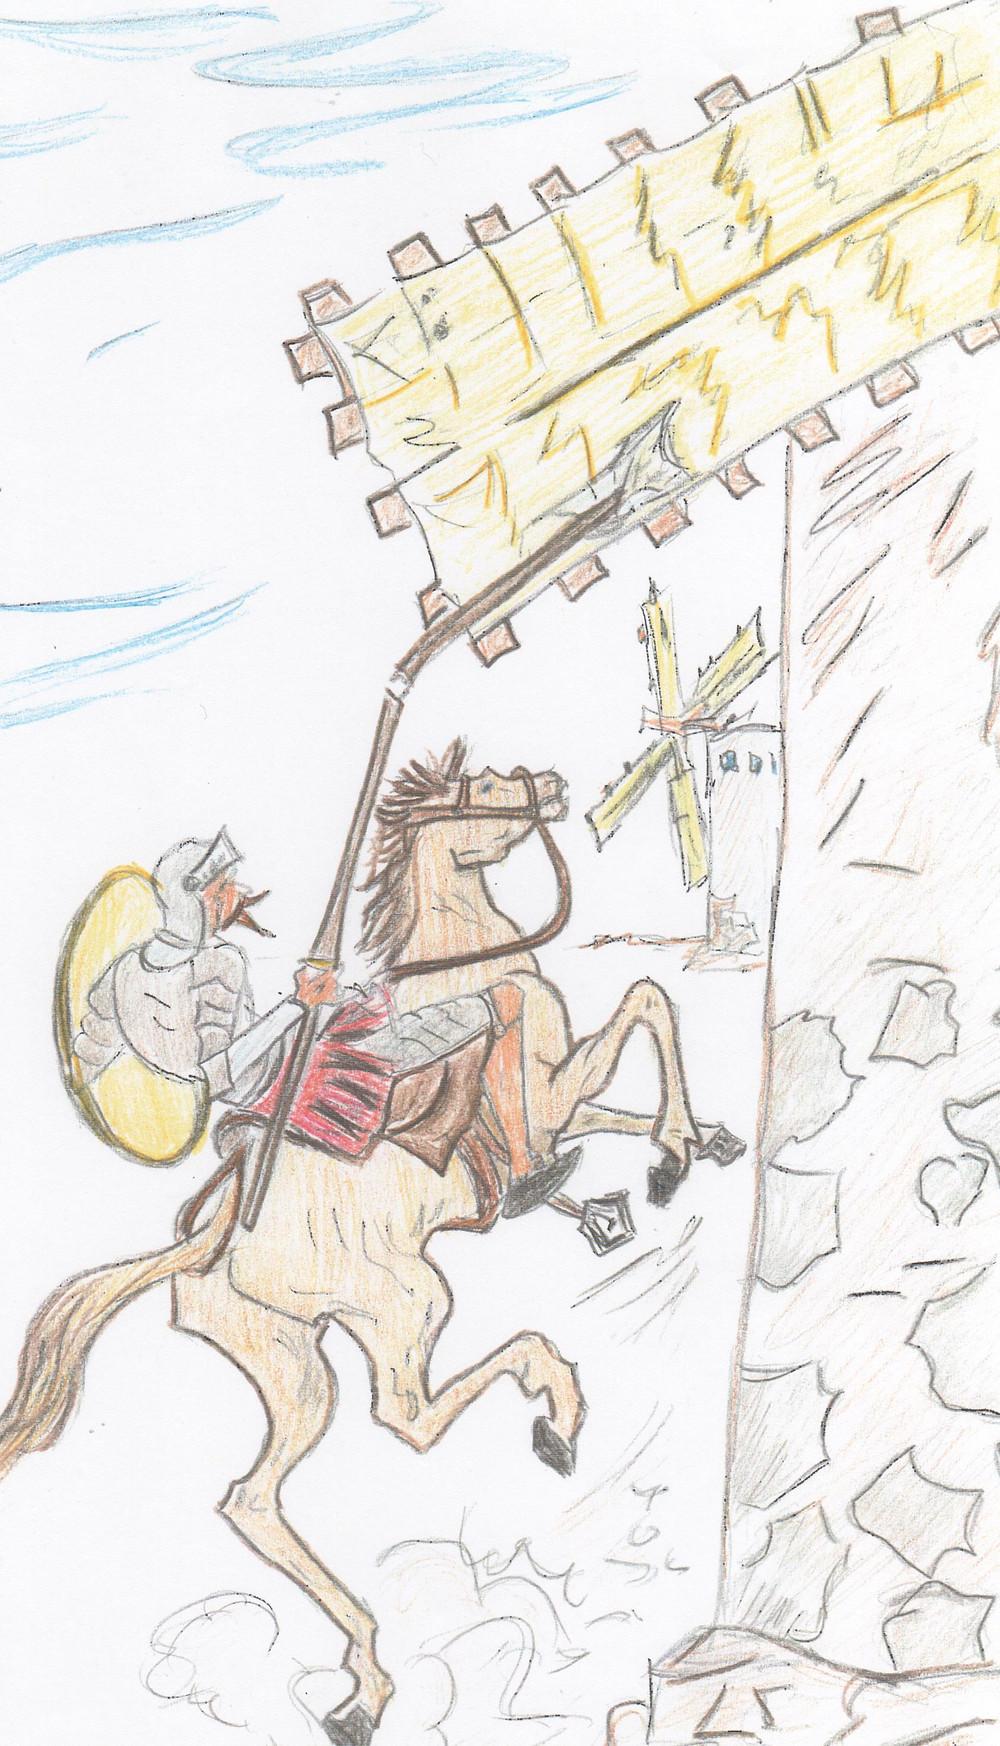 Dibujo original de LAURA NEIRA.